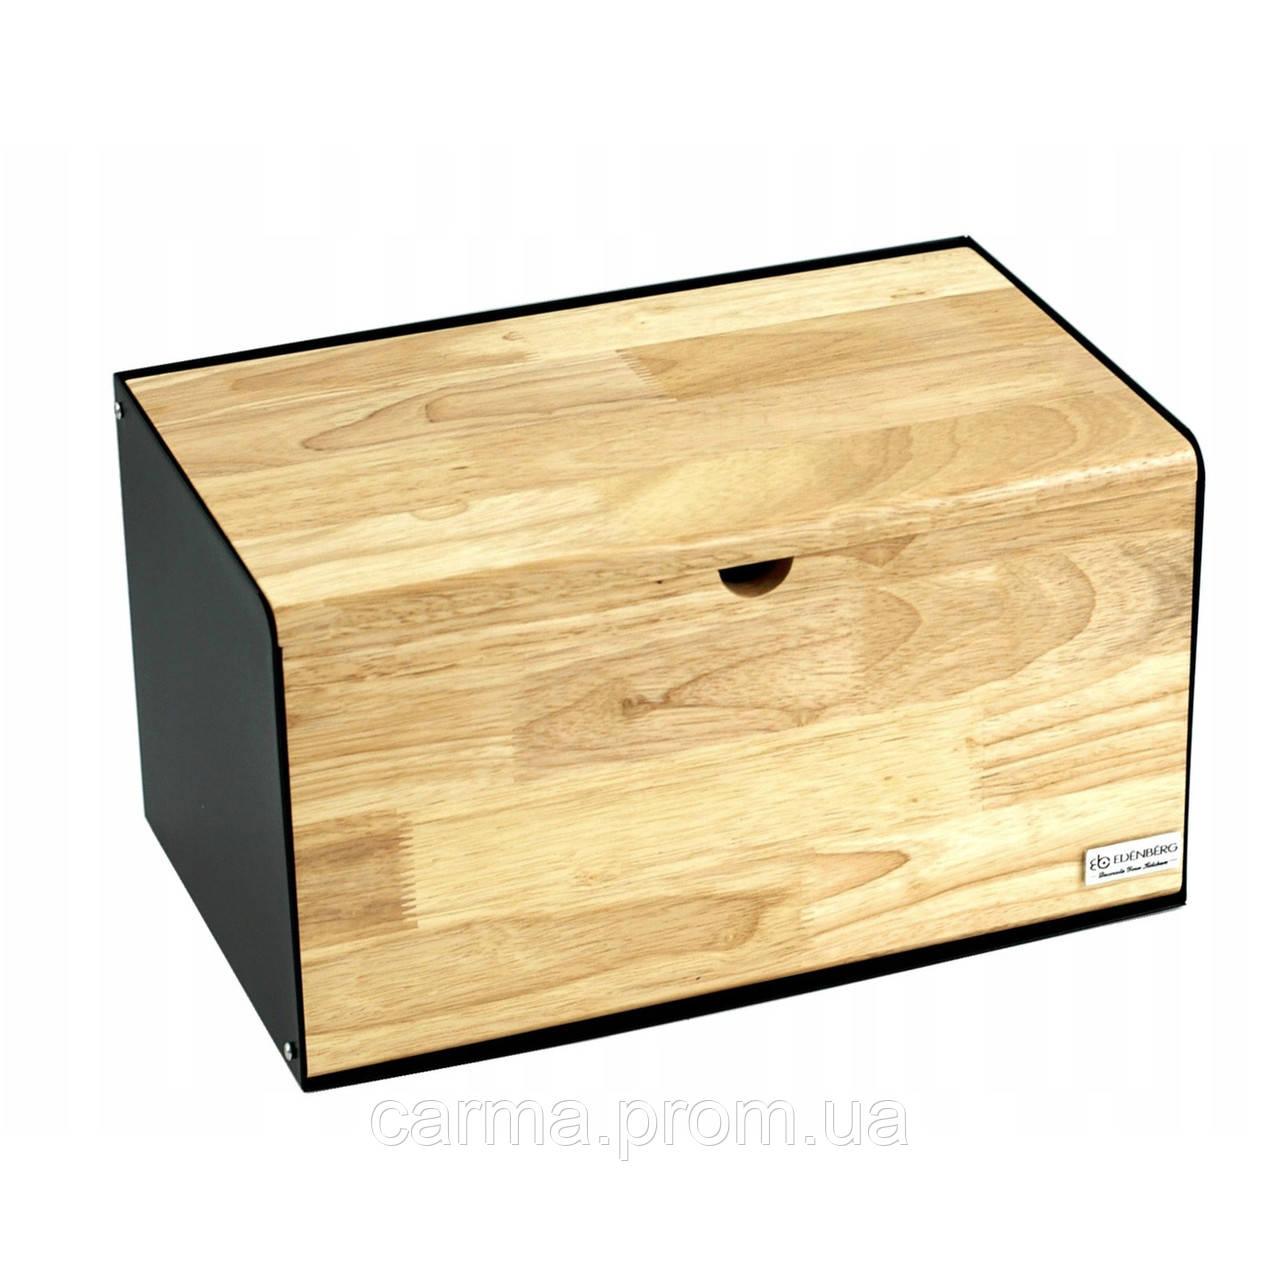 Хлебница Edenberg EB-121 бамбук